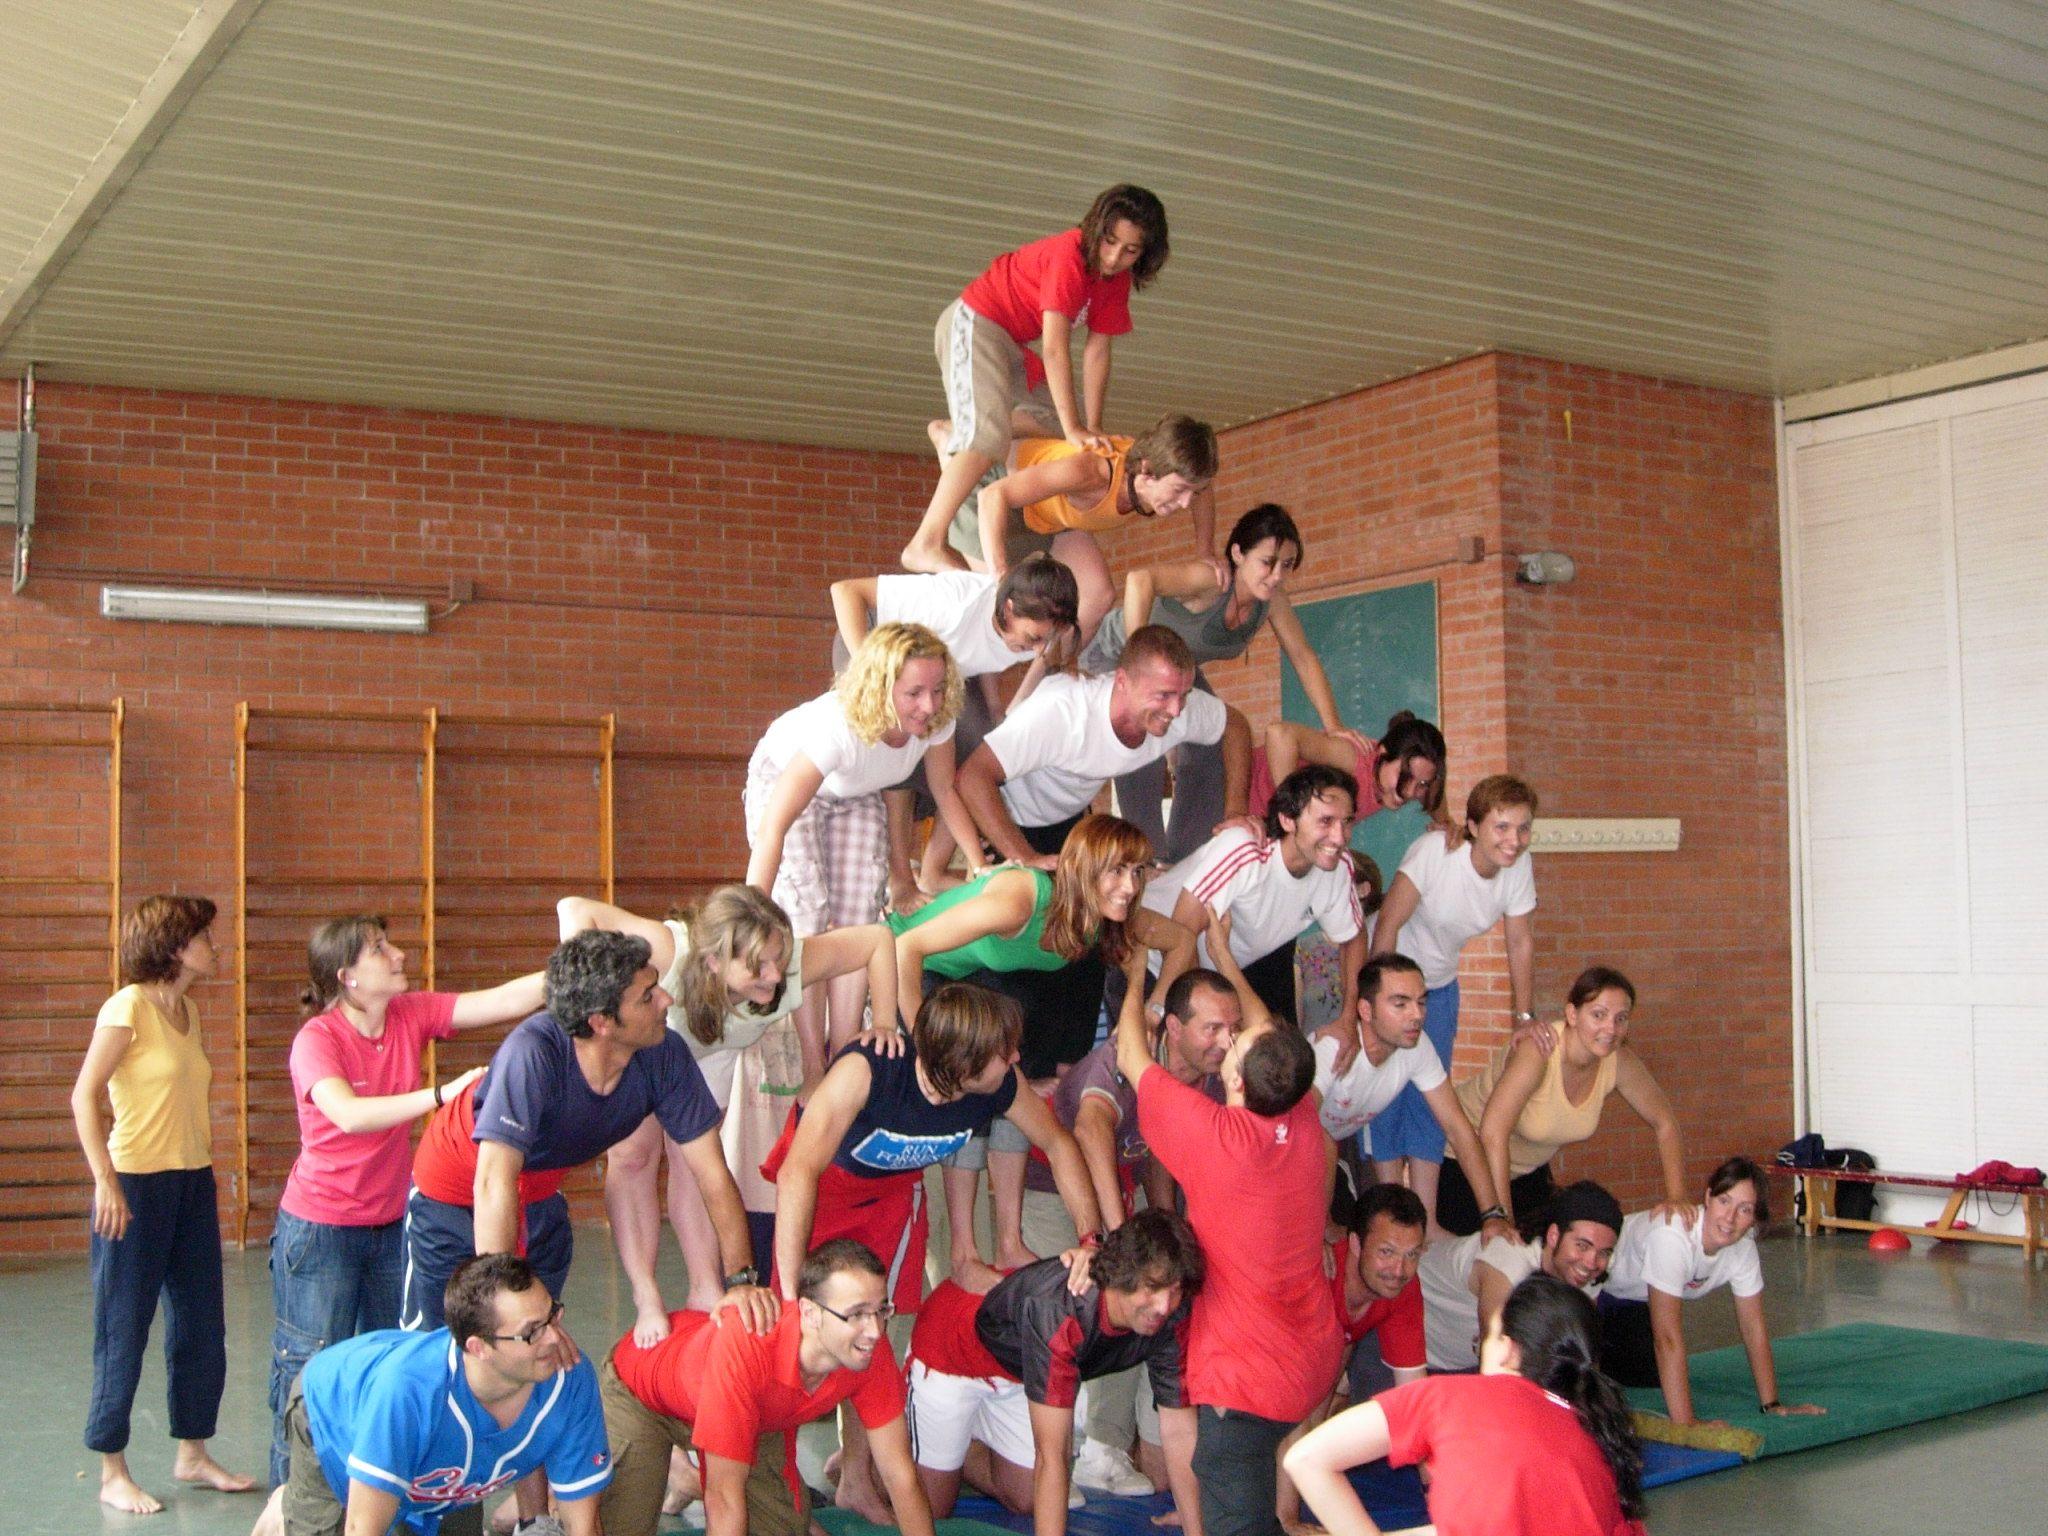 Cohesió d'equip i treball cooperatiu. Tots ens necessitem per no caure!